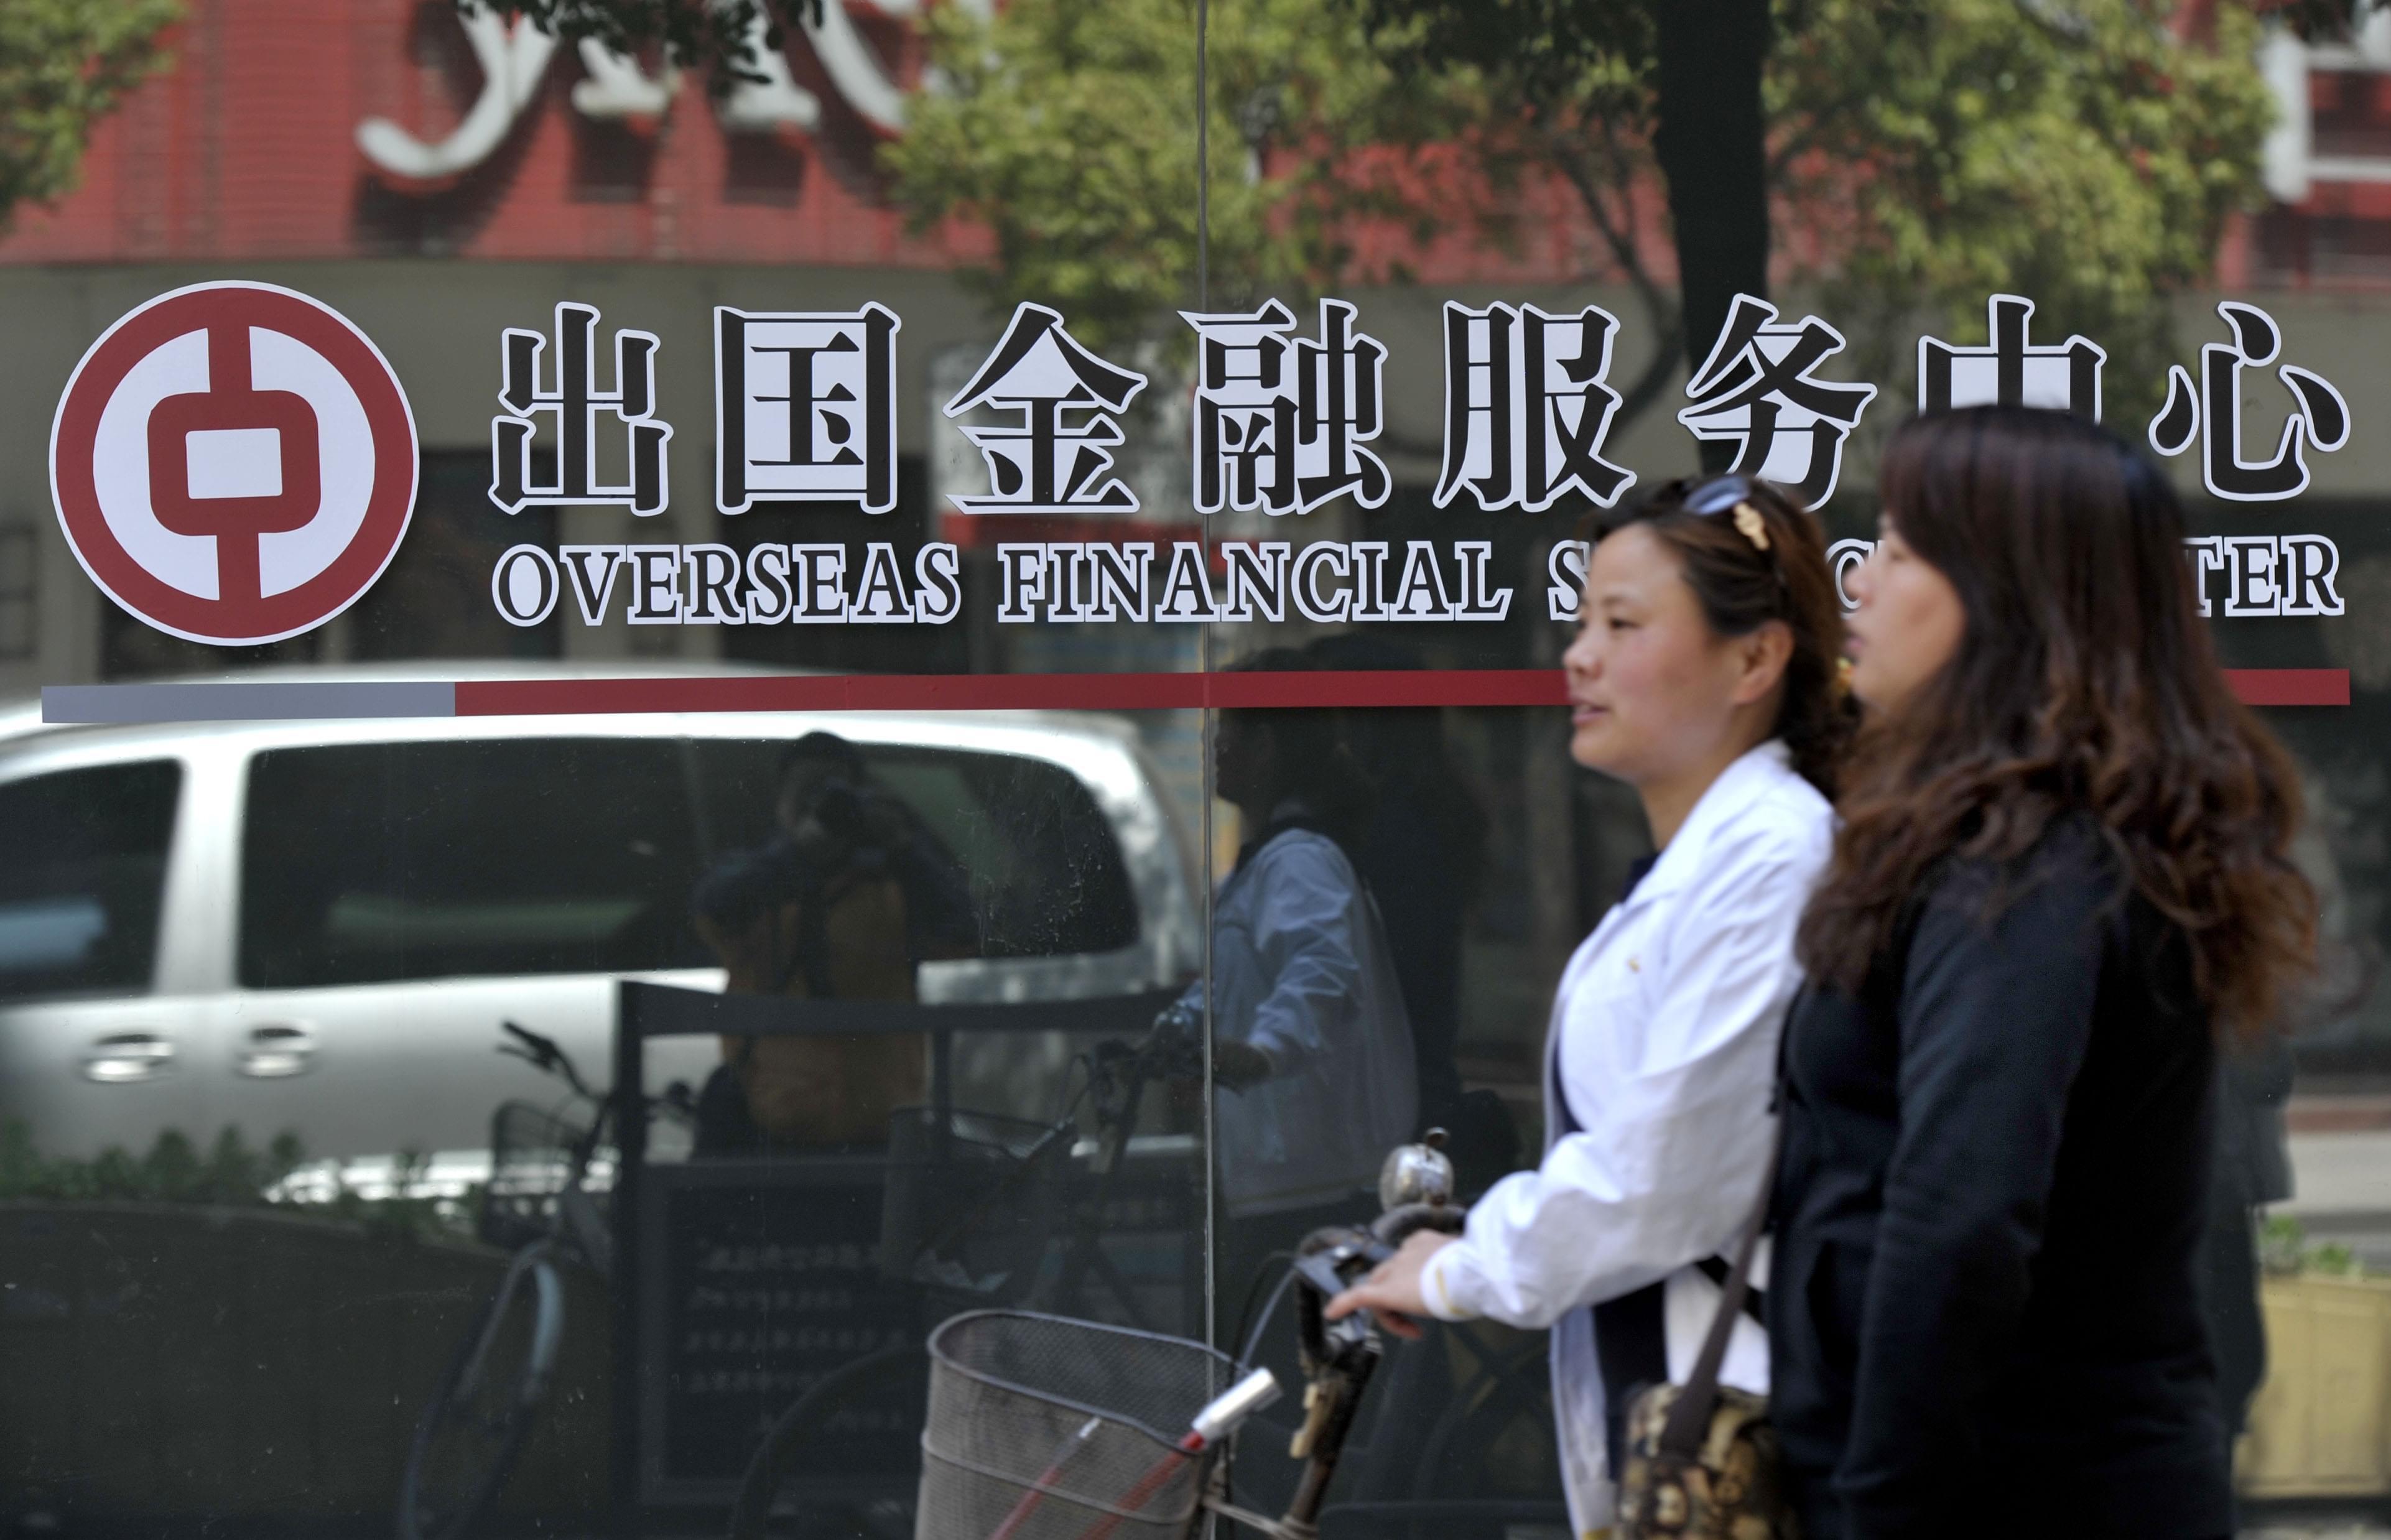 2012年04月01日,南京一家中国银行的出国金融服务中心。/CFP